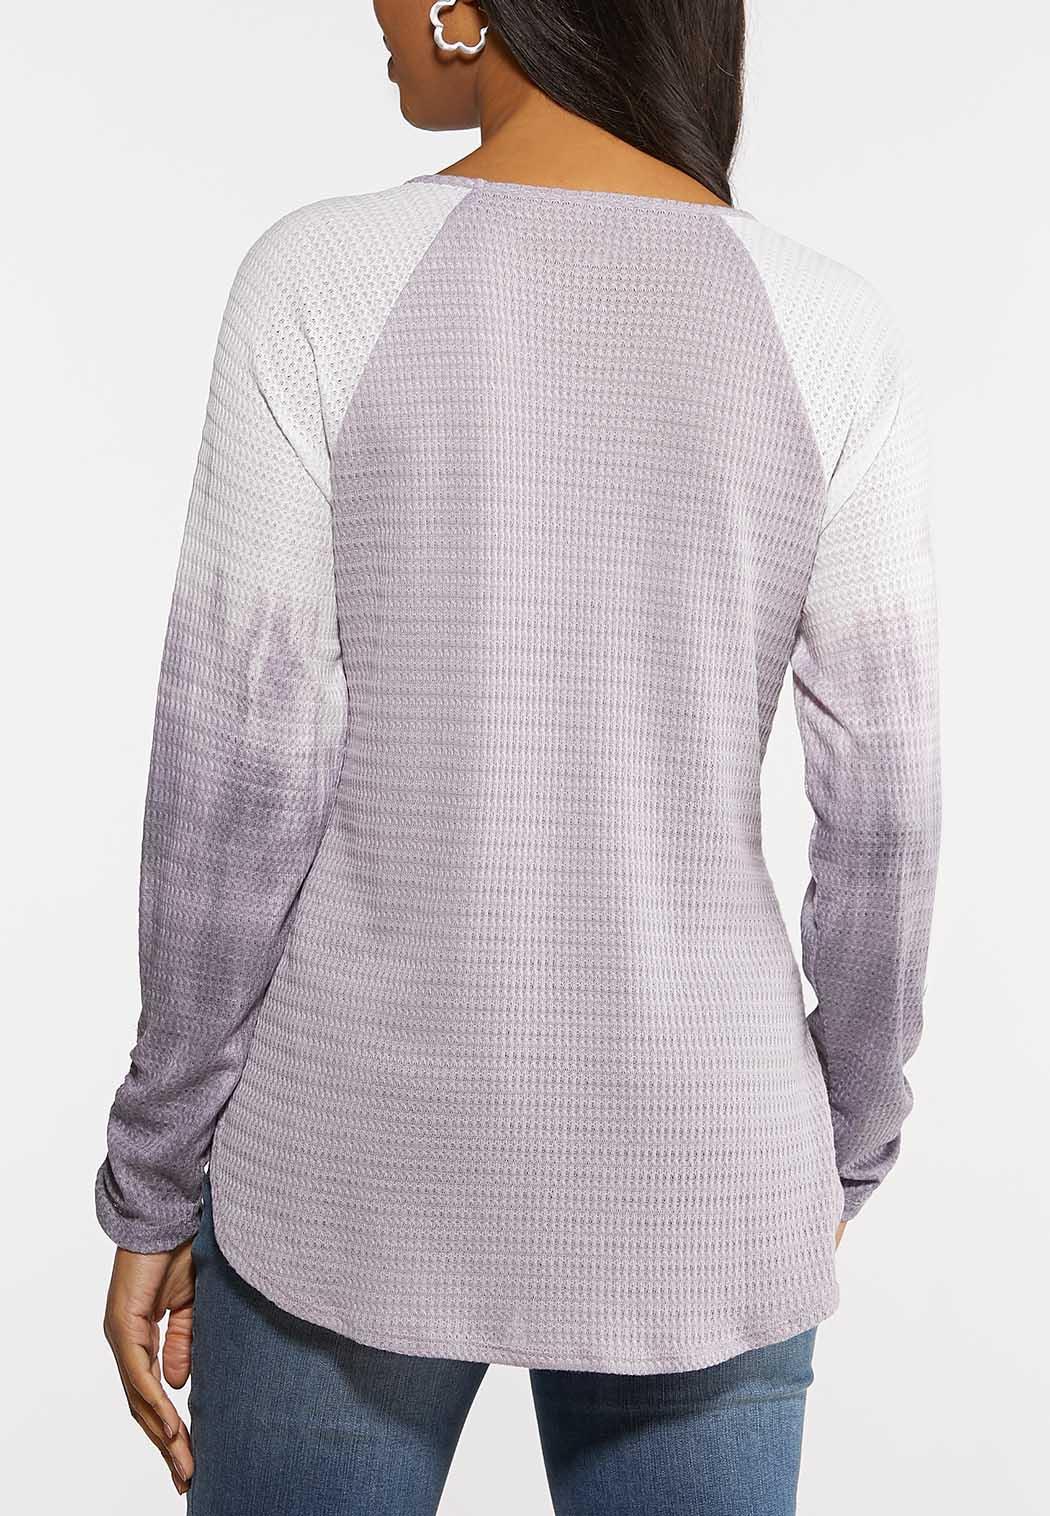 Plus Size Lavender Tie Dye Baseball Top (Item #44107195)